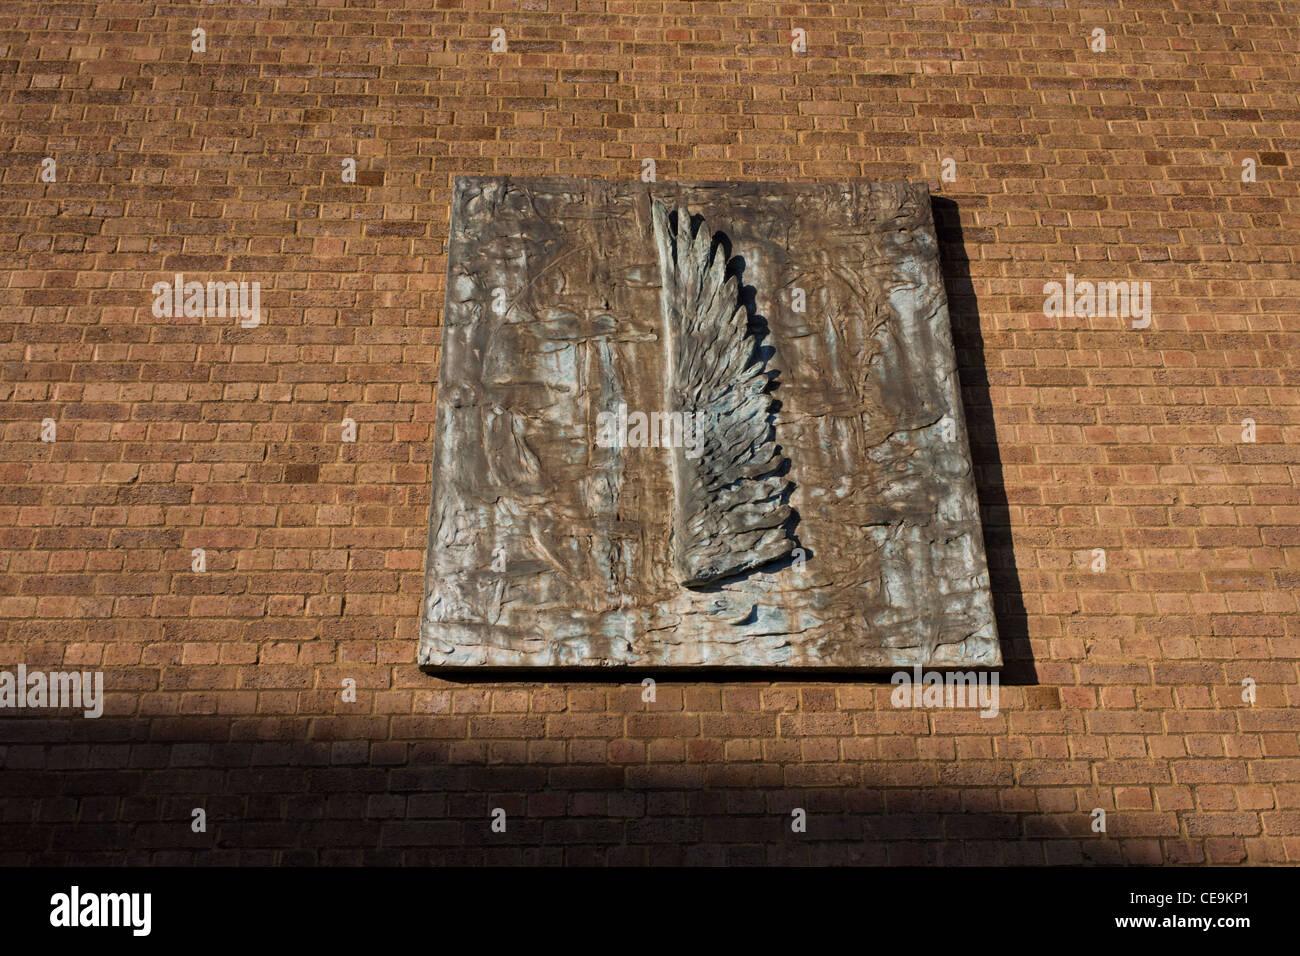 Le sens de la lumière, 2001 par l'artiste Christopher Le Brun RA (Royal Academy) in situ installés Photo Stock